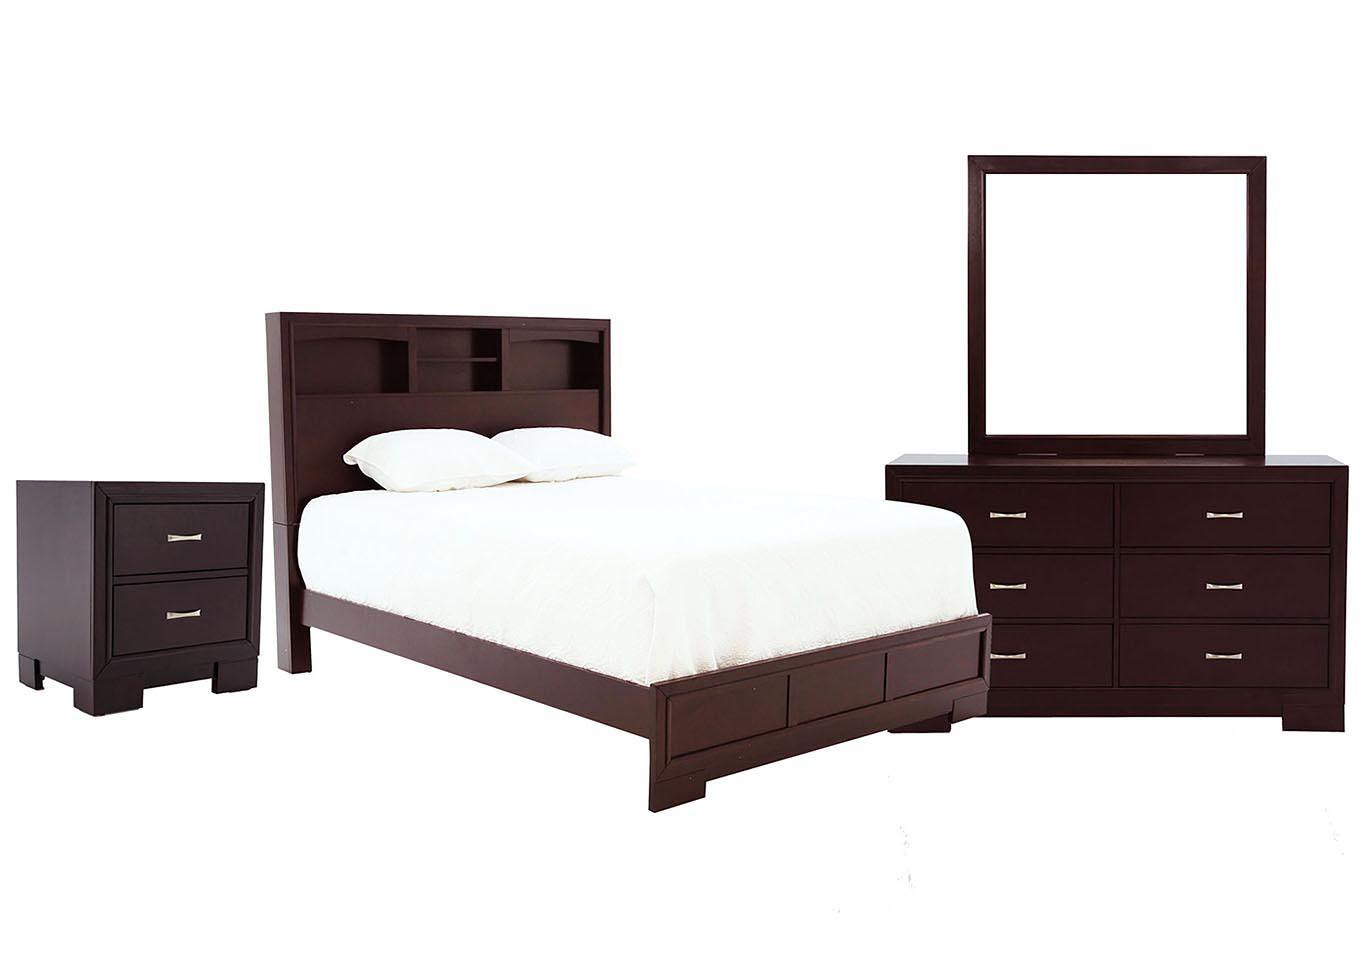 webster queen bedroom set ivan smith